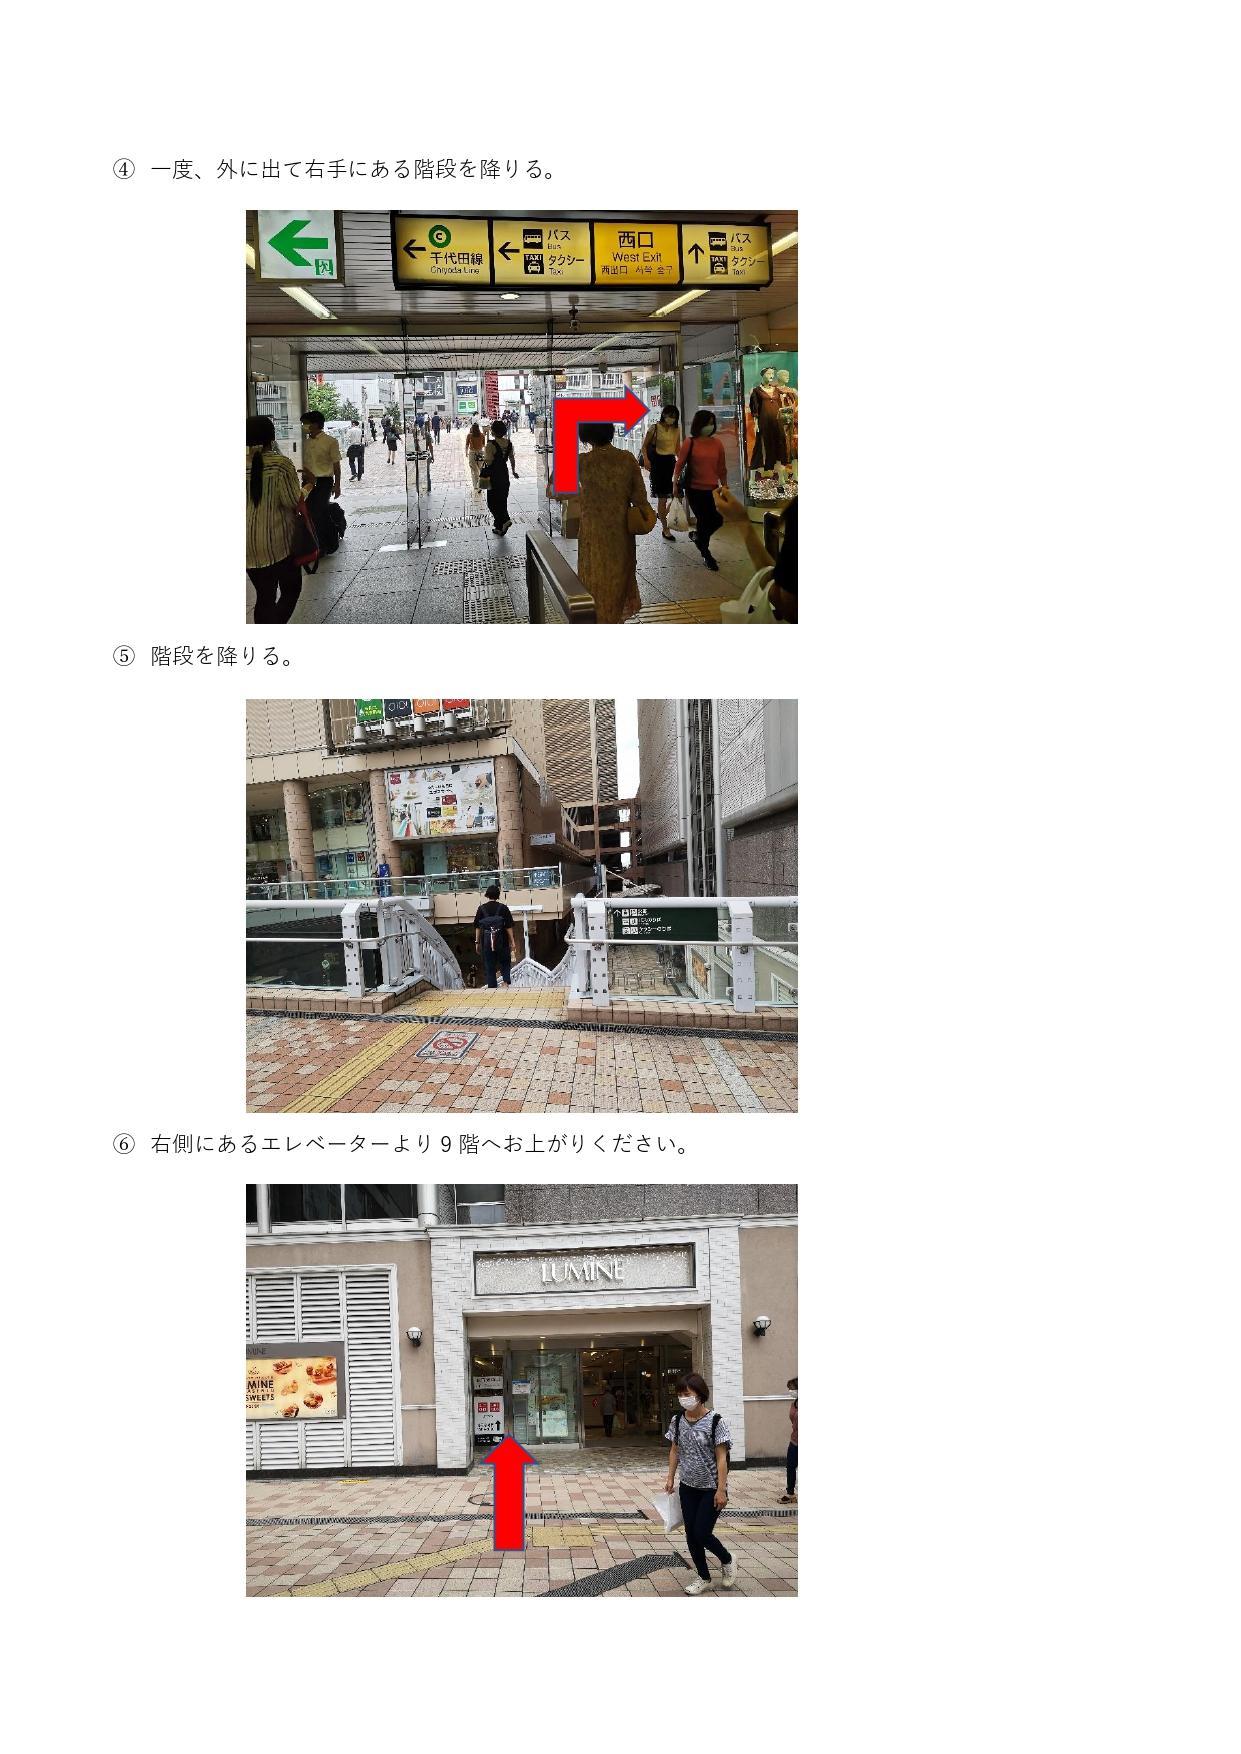 譯亥・-螟画鋤貂医∩_page-0002.jpg